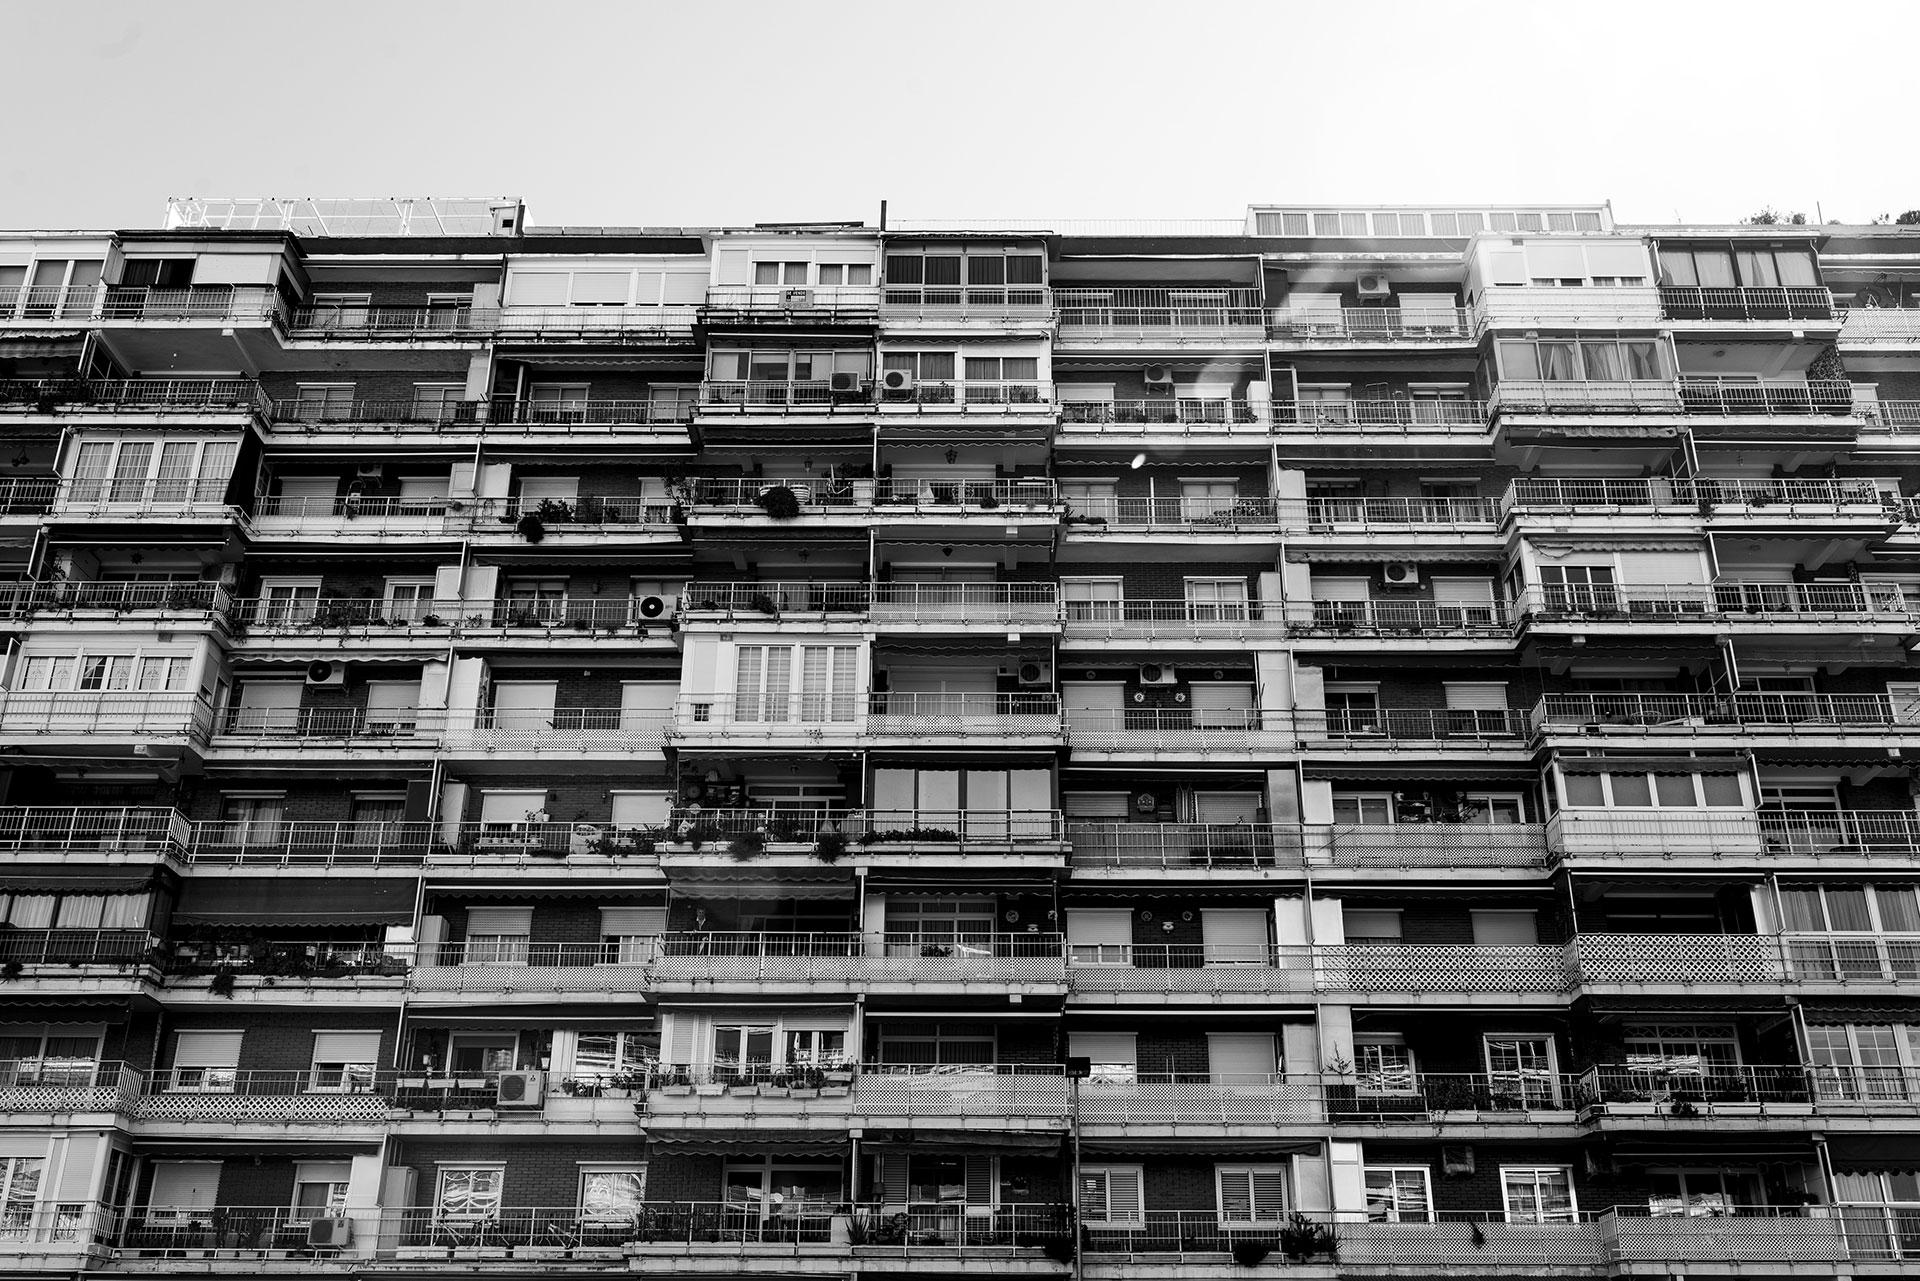 lgunas de las afectadas viven en edificios con muchos vecinos, donde las radiaciones y emanaciones de los productos de limpieza son inevitables.